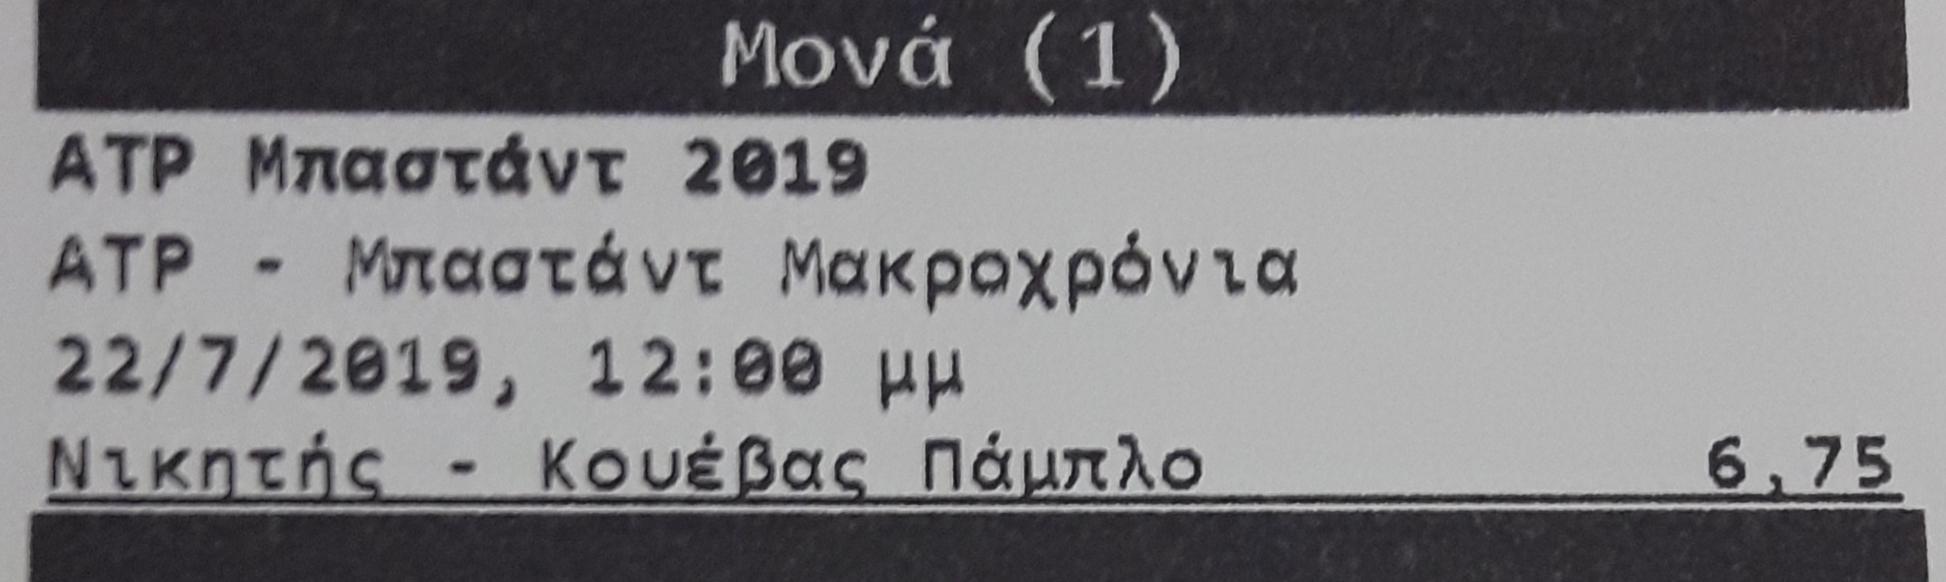 20190713_091602.jpg